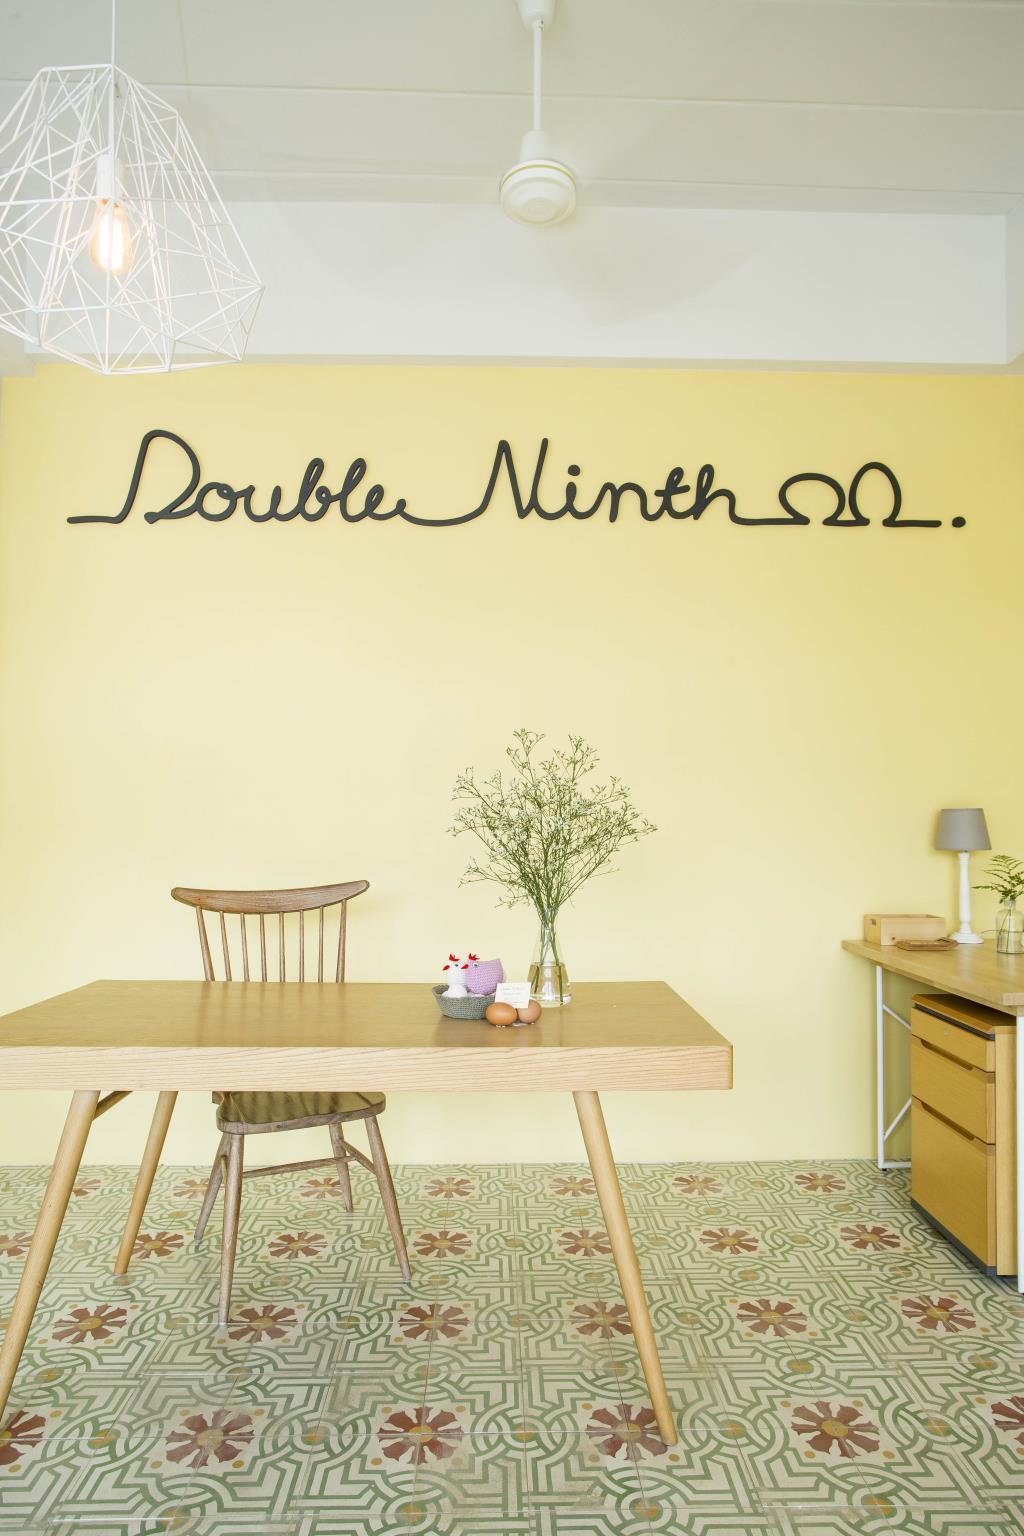 Double Ninth Friendly Boutique Hotel,ดับเบิล นายท์ เฟรนด์ลี บูทิก โฮเต็ล